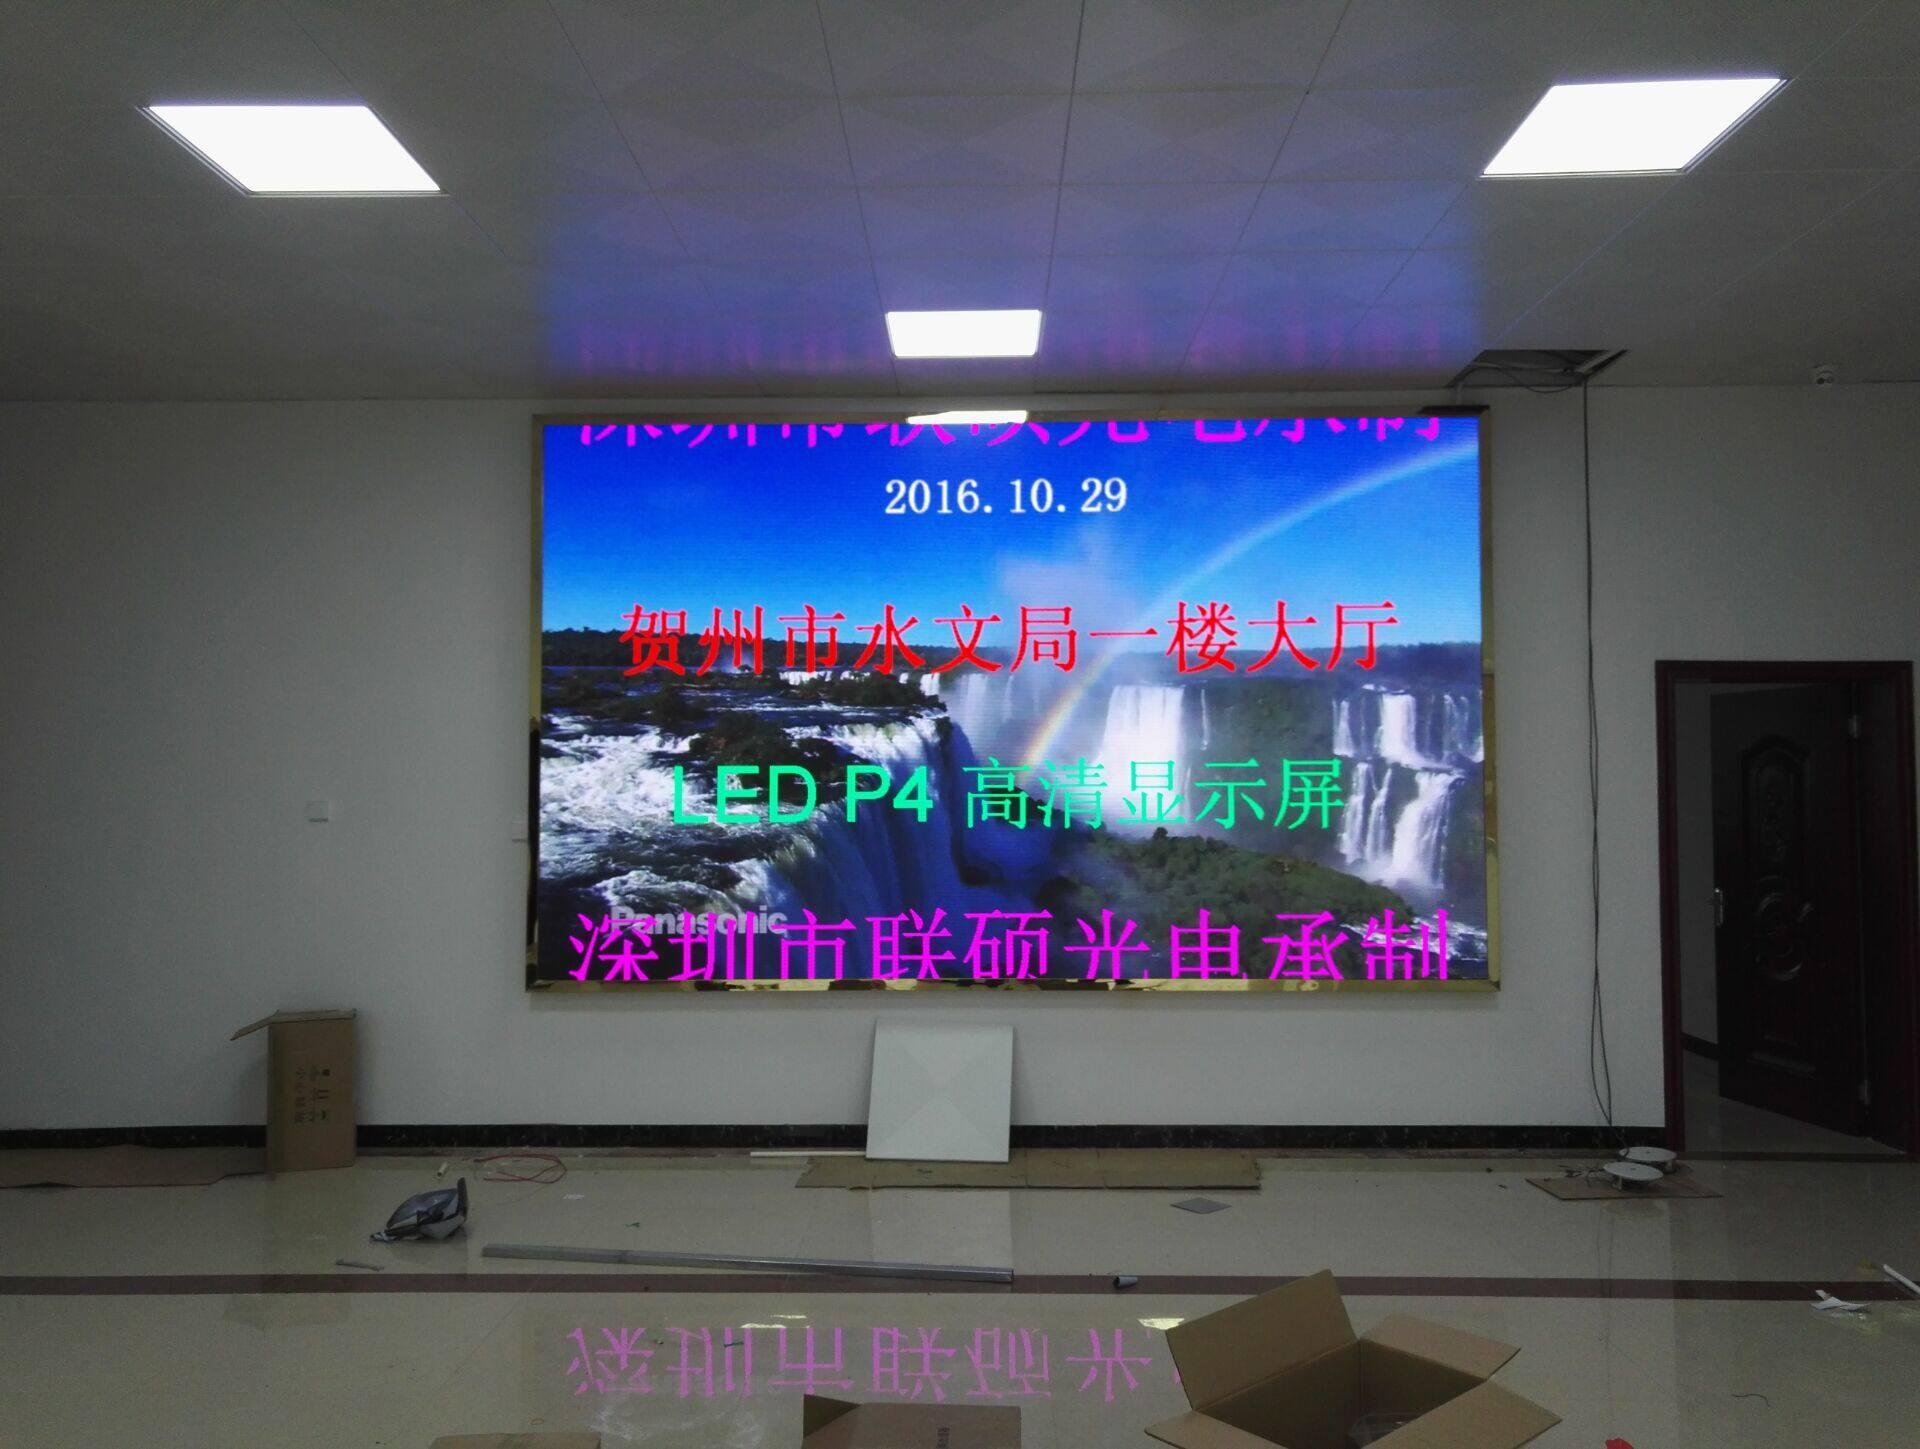 室内彩屏p4多少钱一平 led大屏幕p4规格尺寸多大